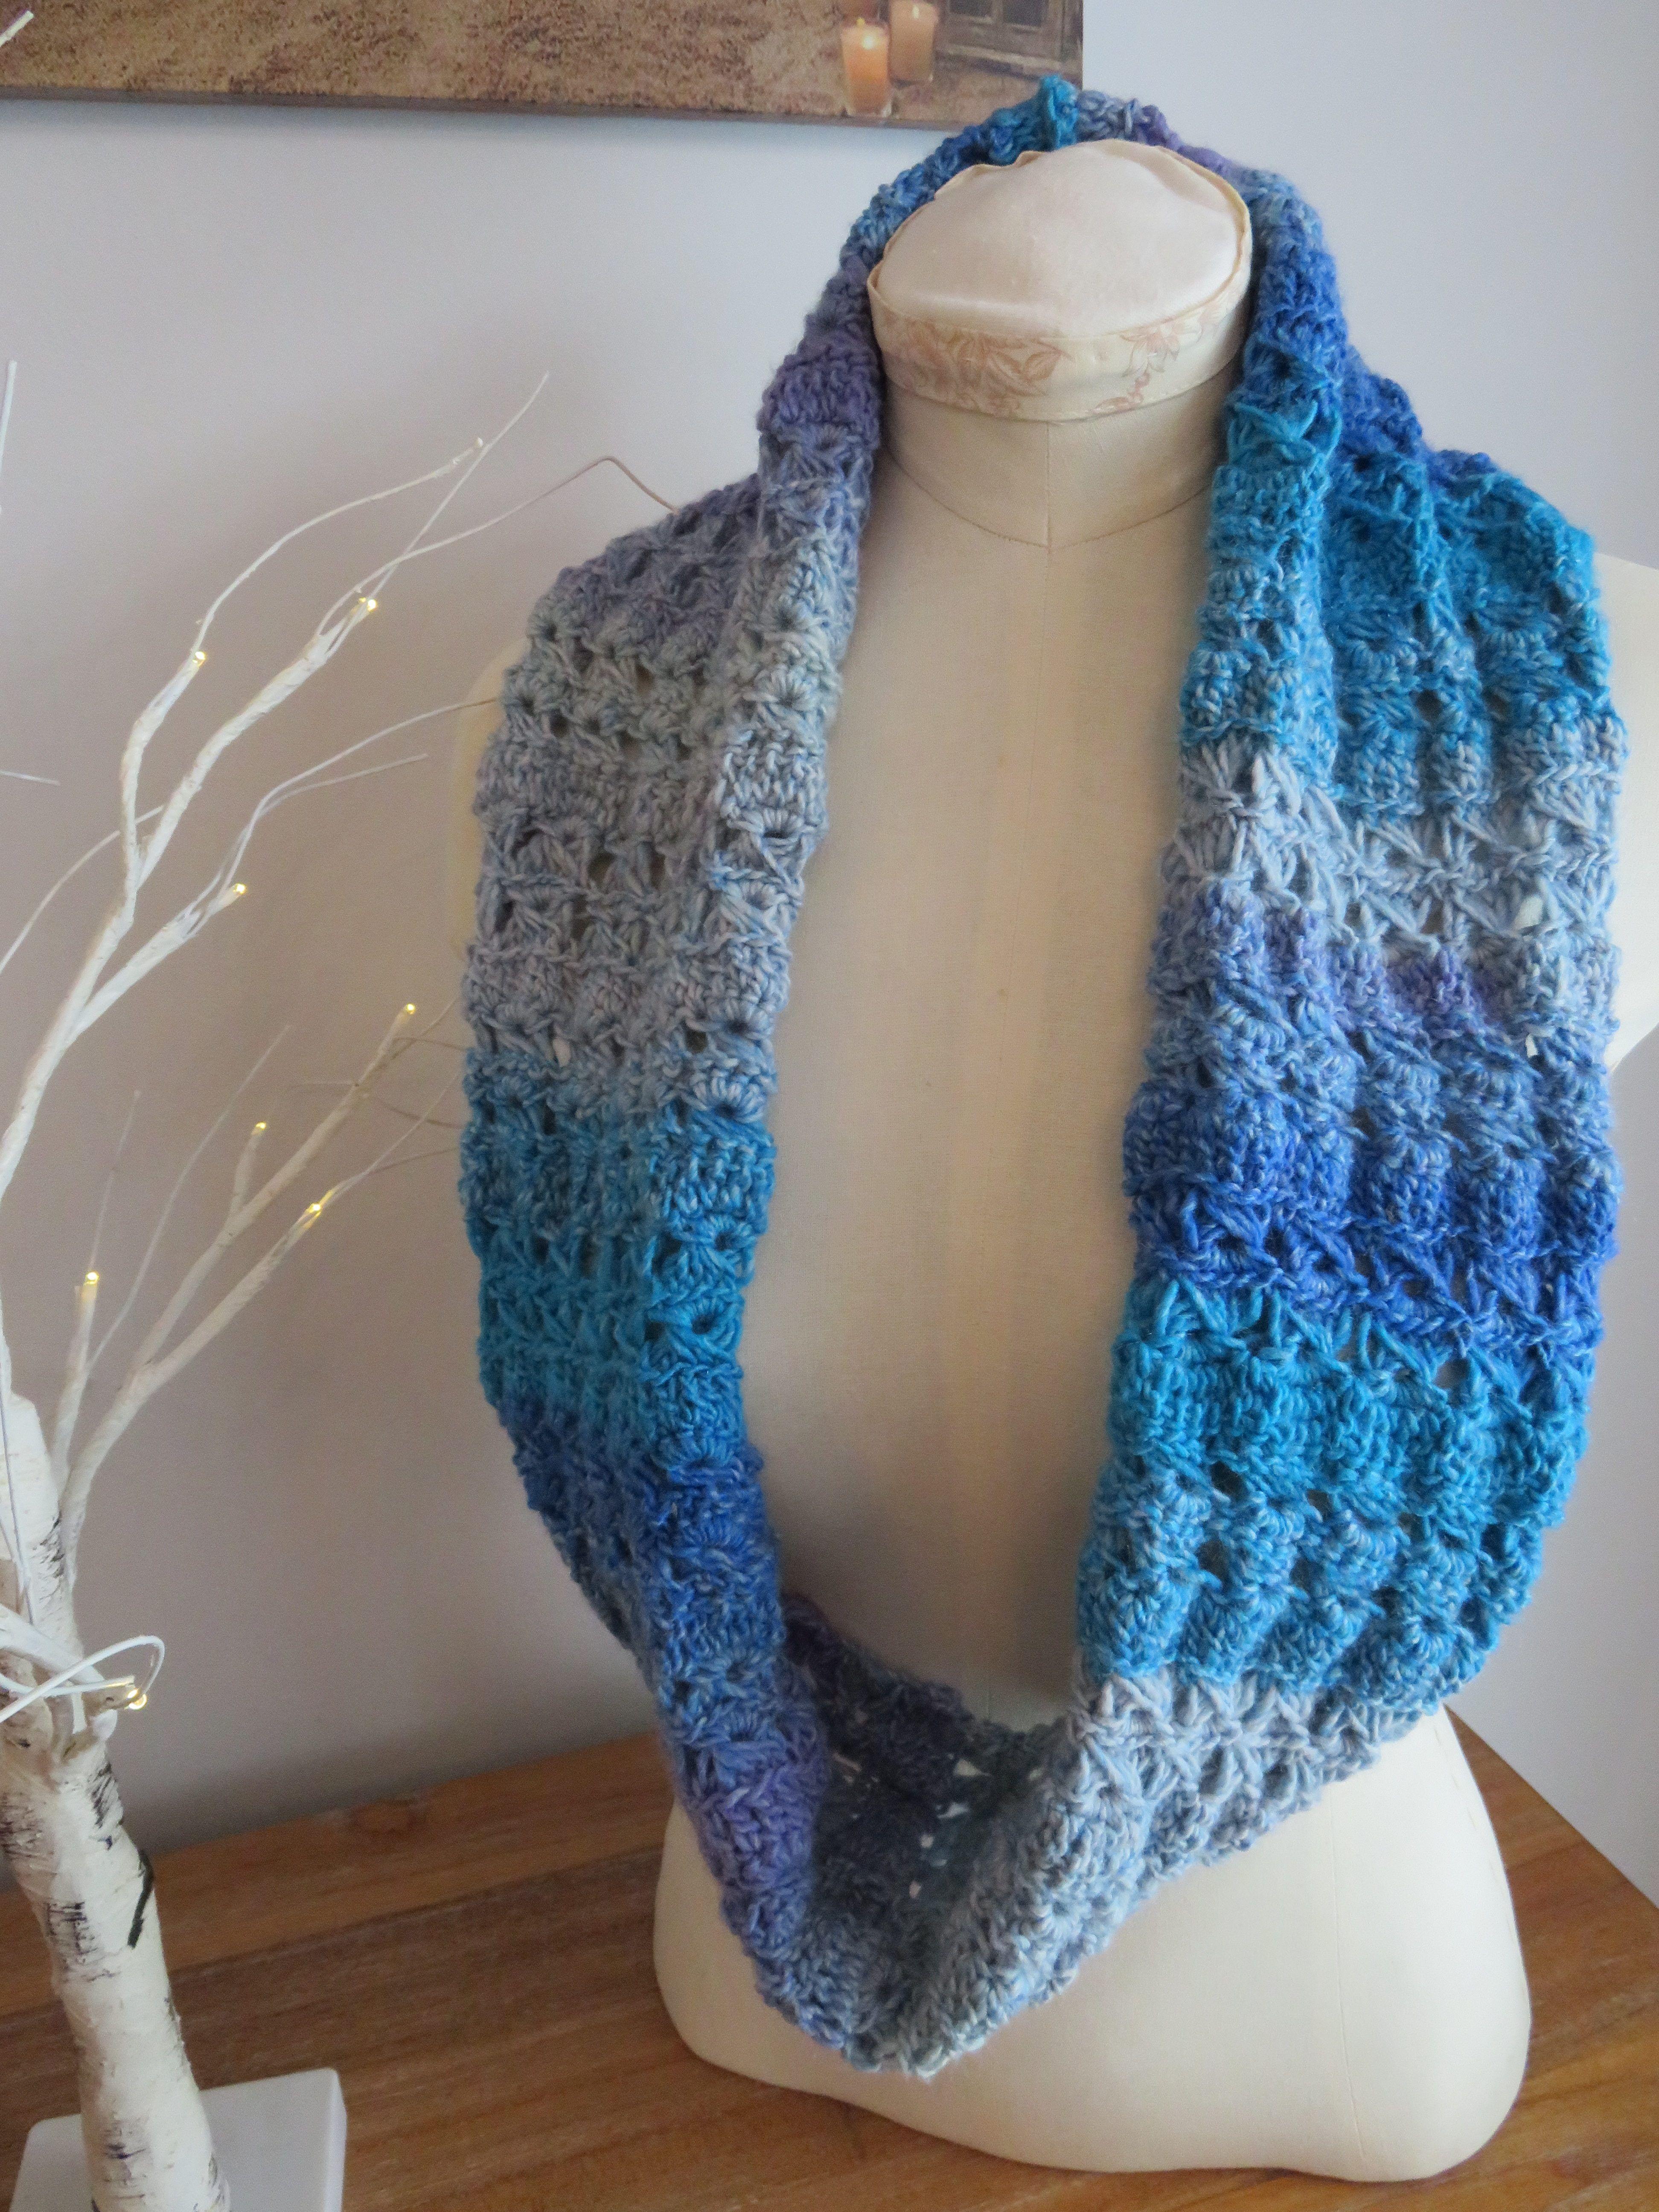 Azure Skies Crochet Cowl Pattern   Broomstick lace crochet ...